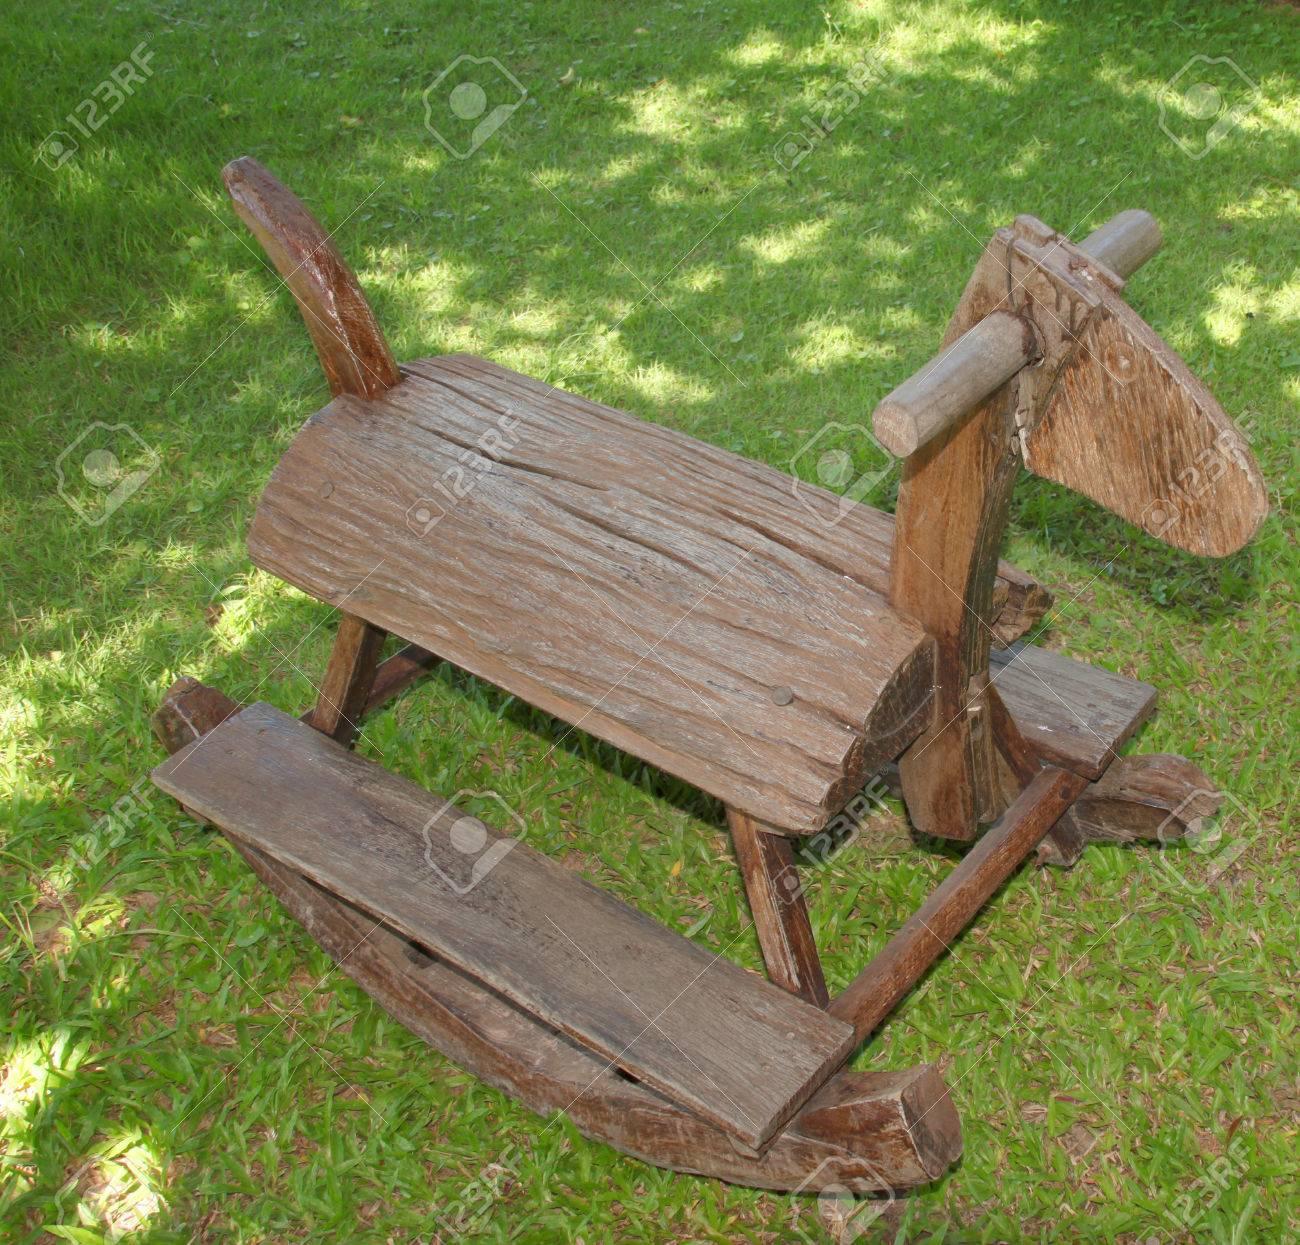 holzpferd stuhl für kinder im garten dekoriert lizenzfreie fotos